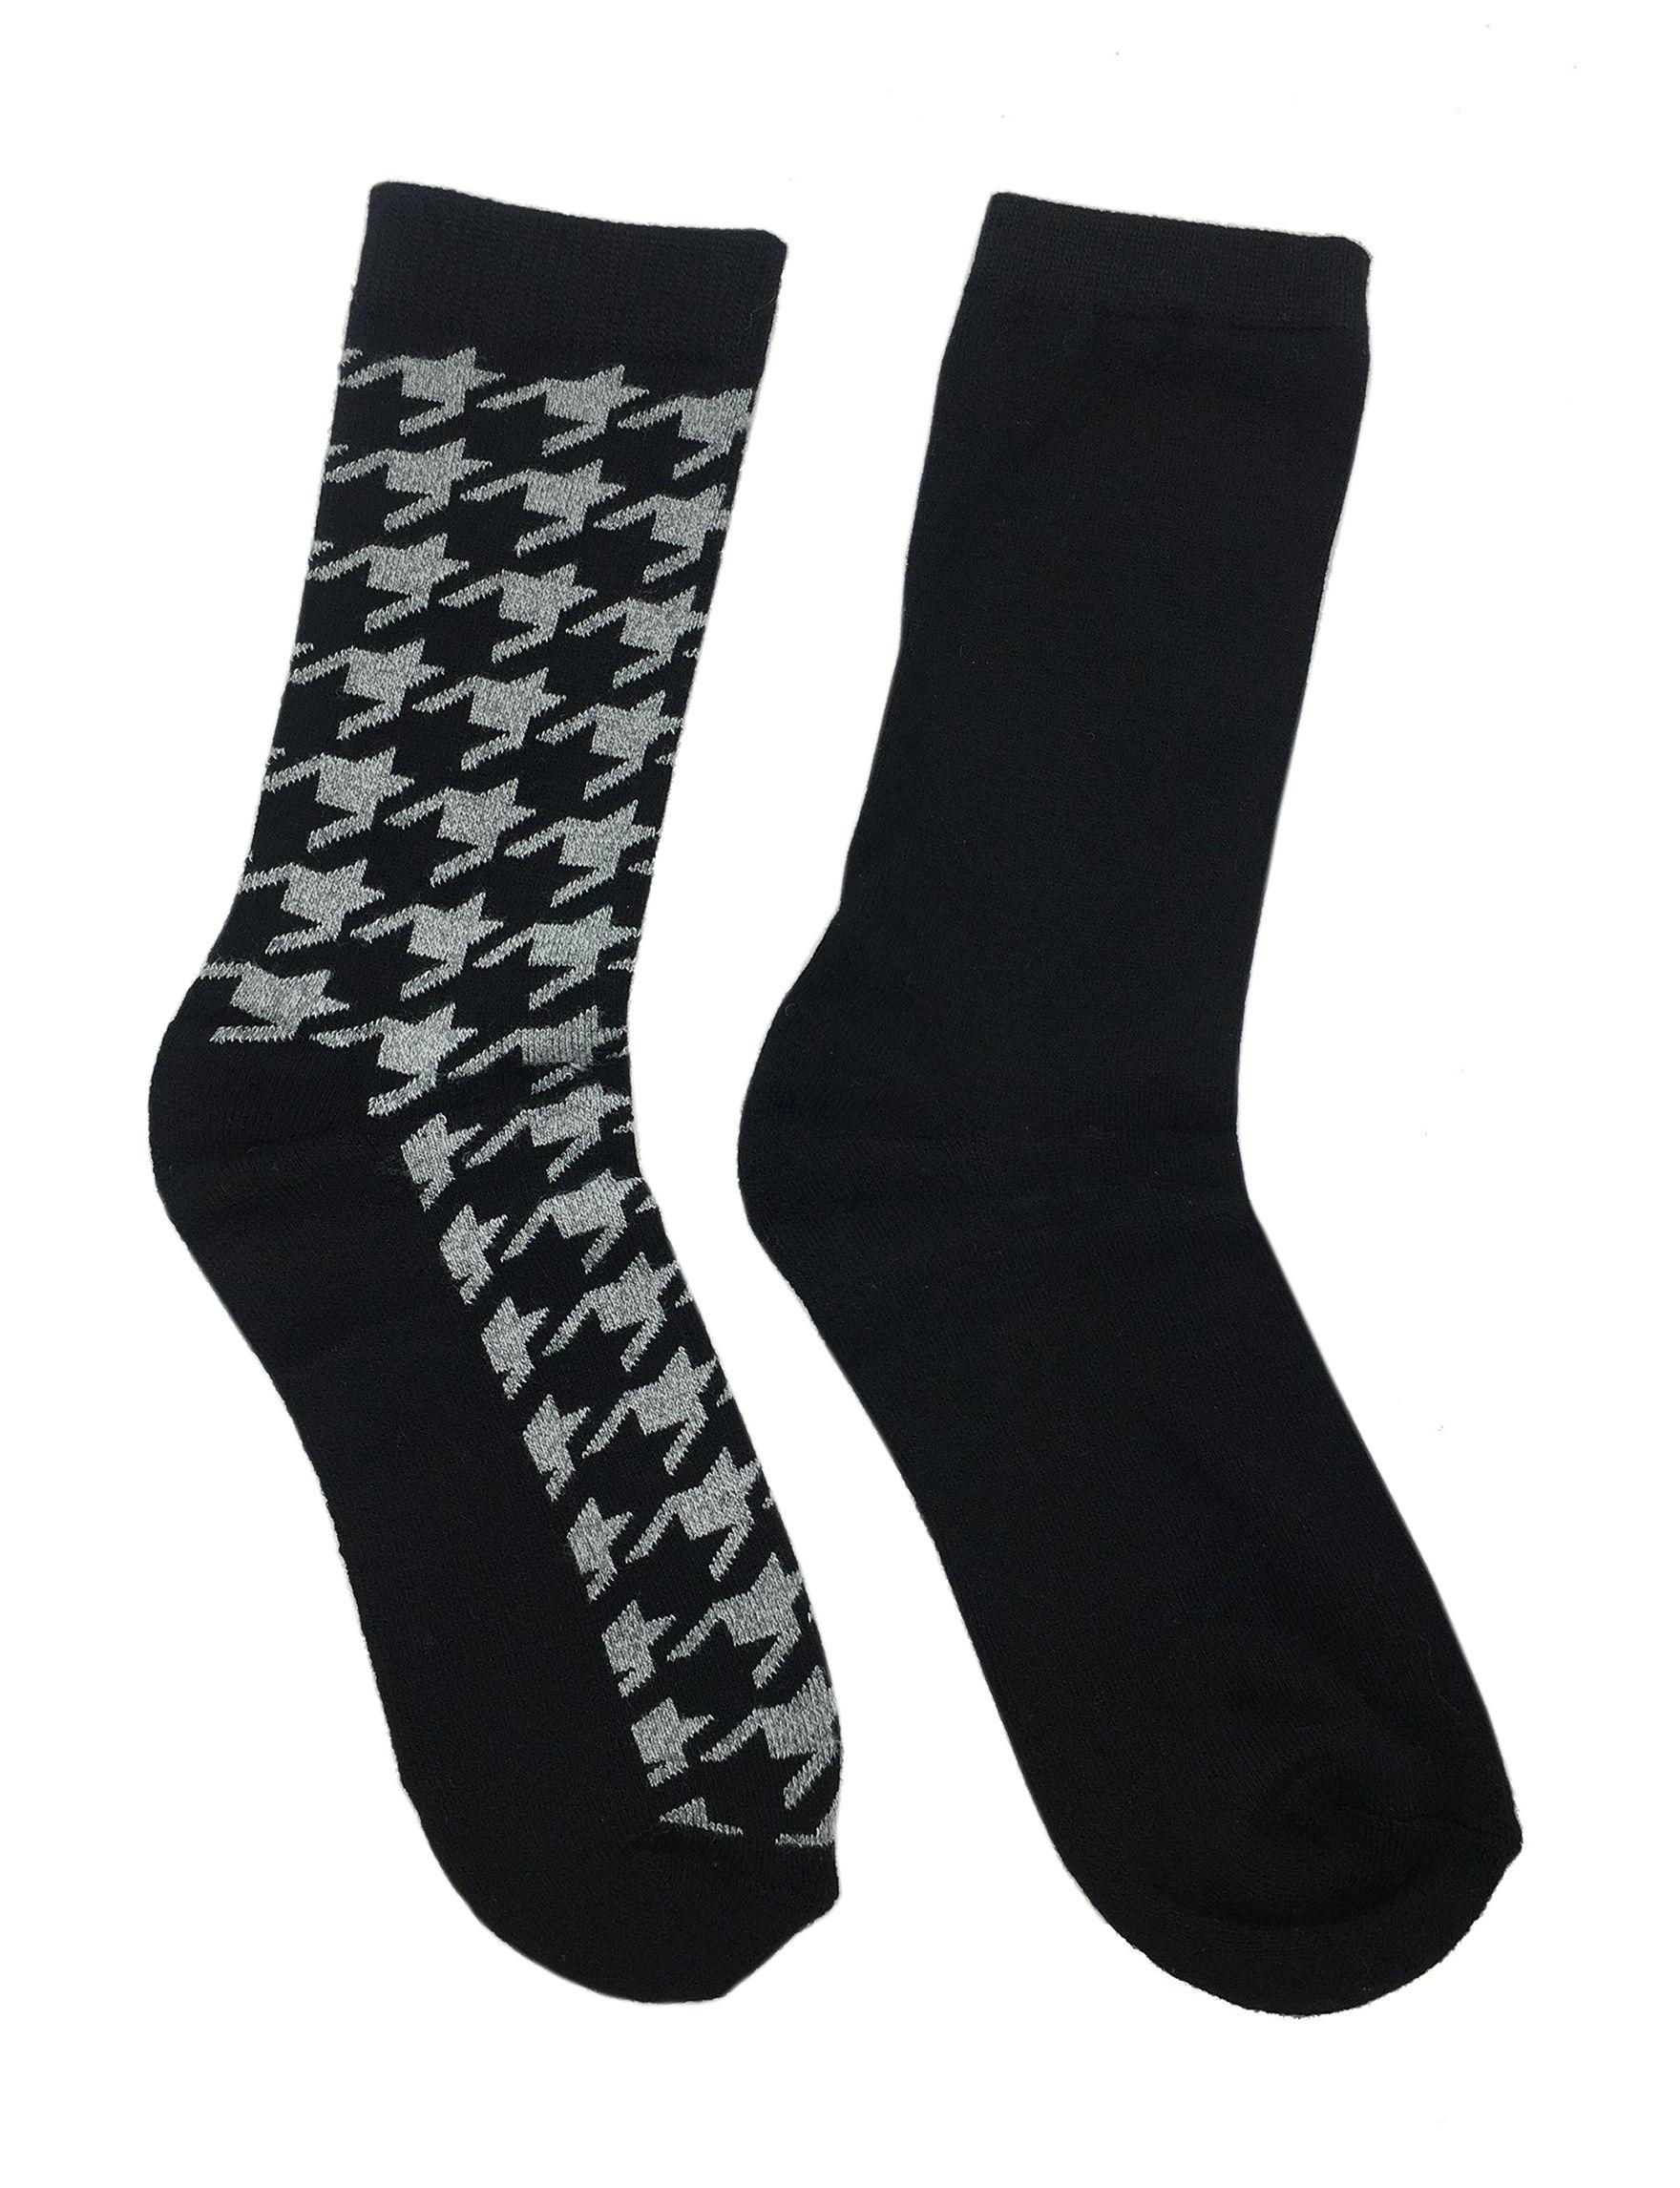 Keep Your Socks On Black Socks